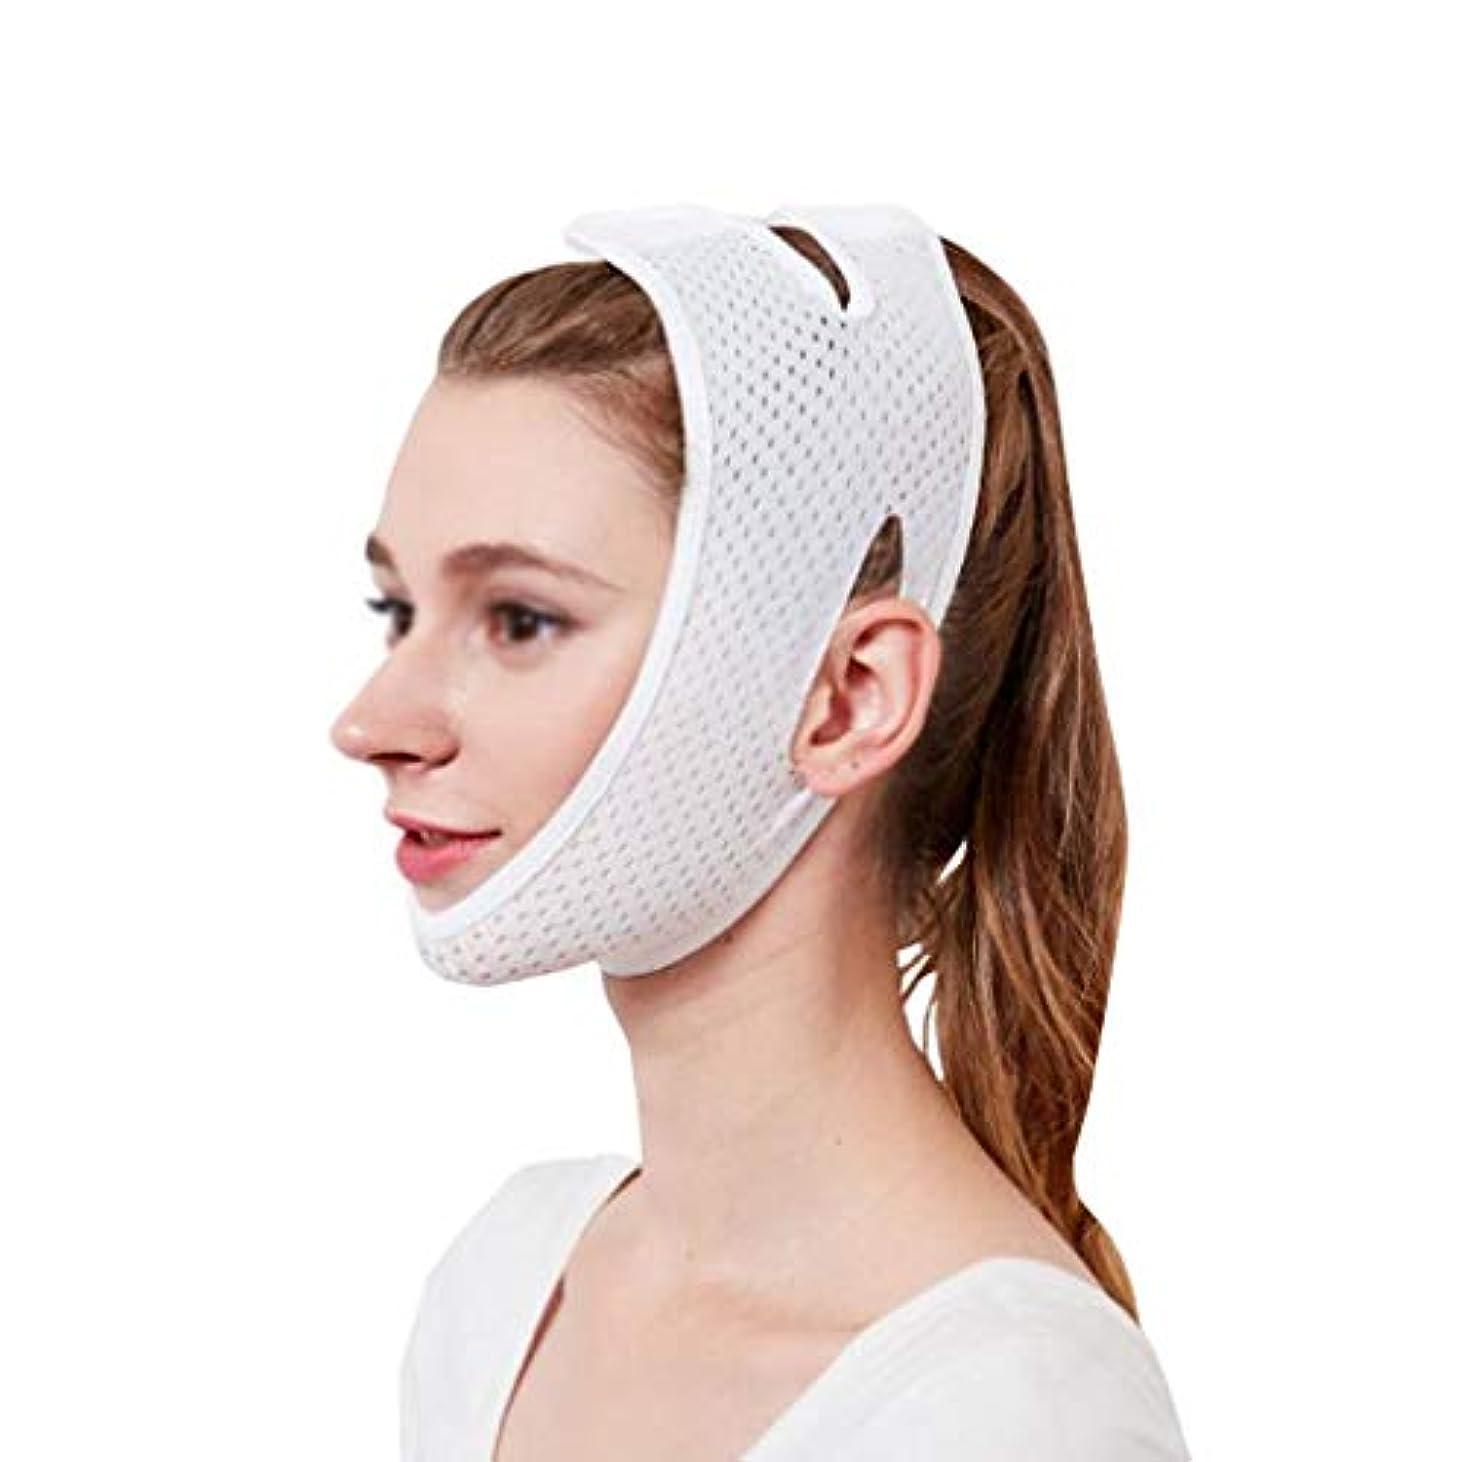 農業の形成時代ZWBD フェイスマスク, 薄いフェイスマスク通気性睡眠ベルトアーティファクト包帯小さなVフェイス薄いダブルチンリフトフェイスマスク引き締めフェイスマスク